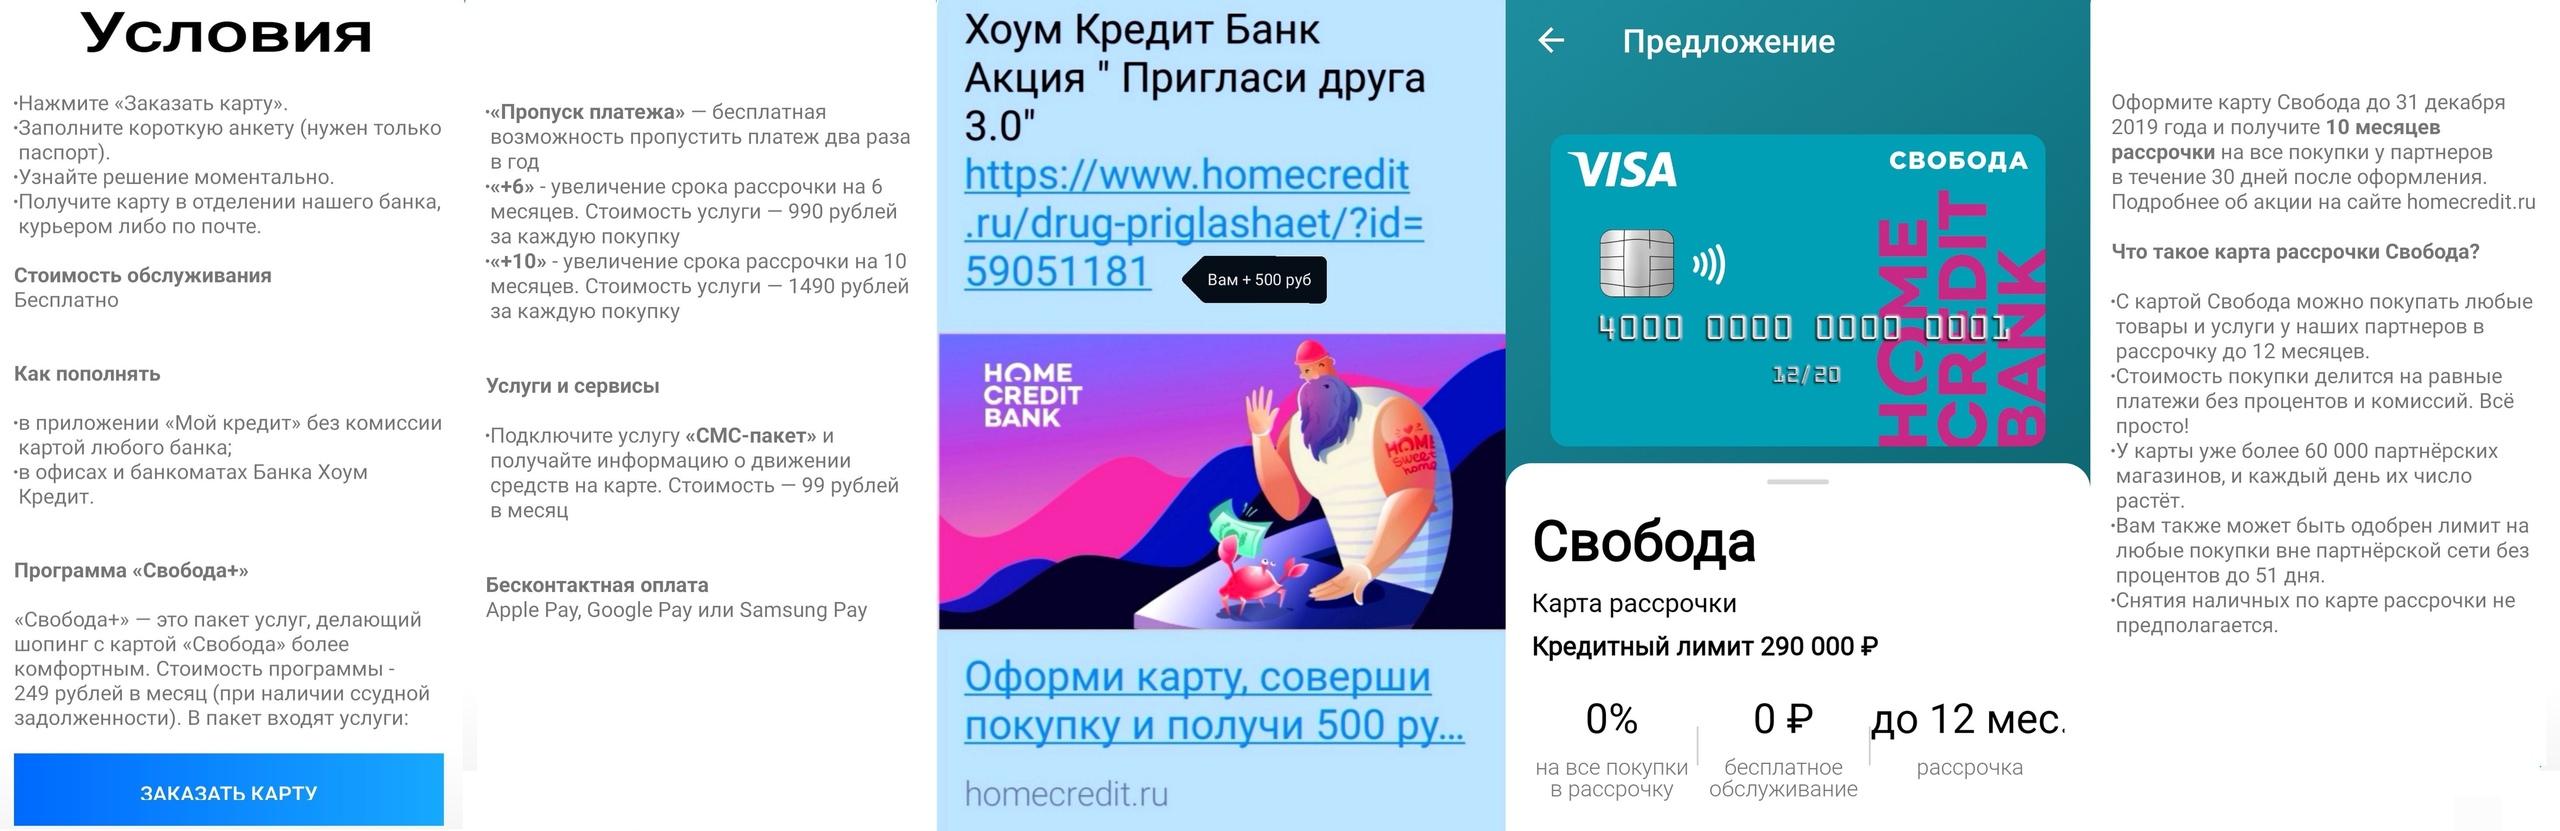 несколько кредитов одновременно